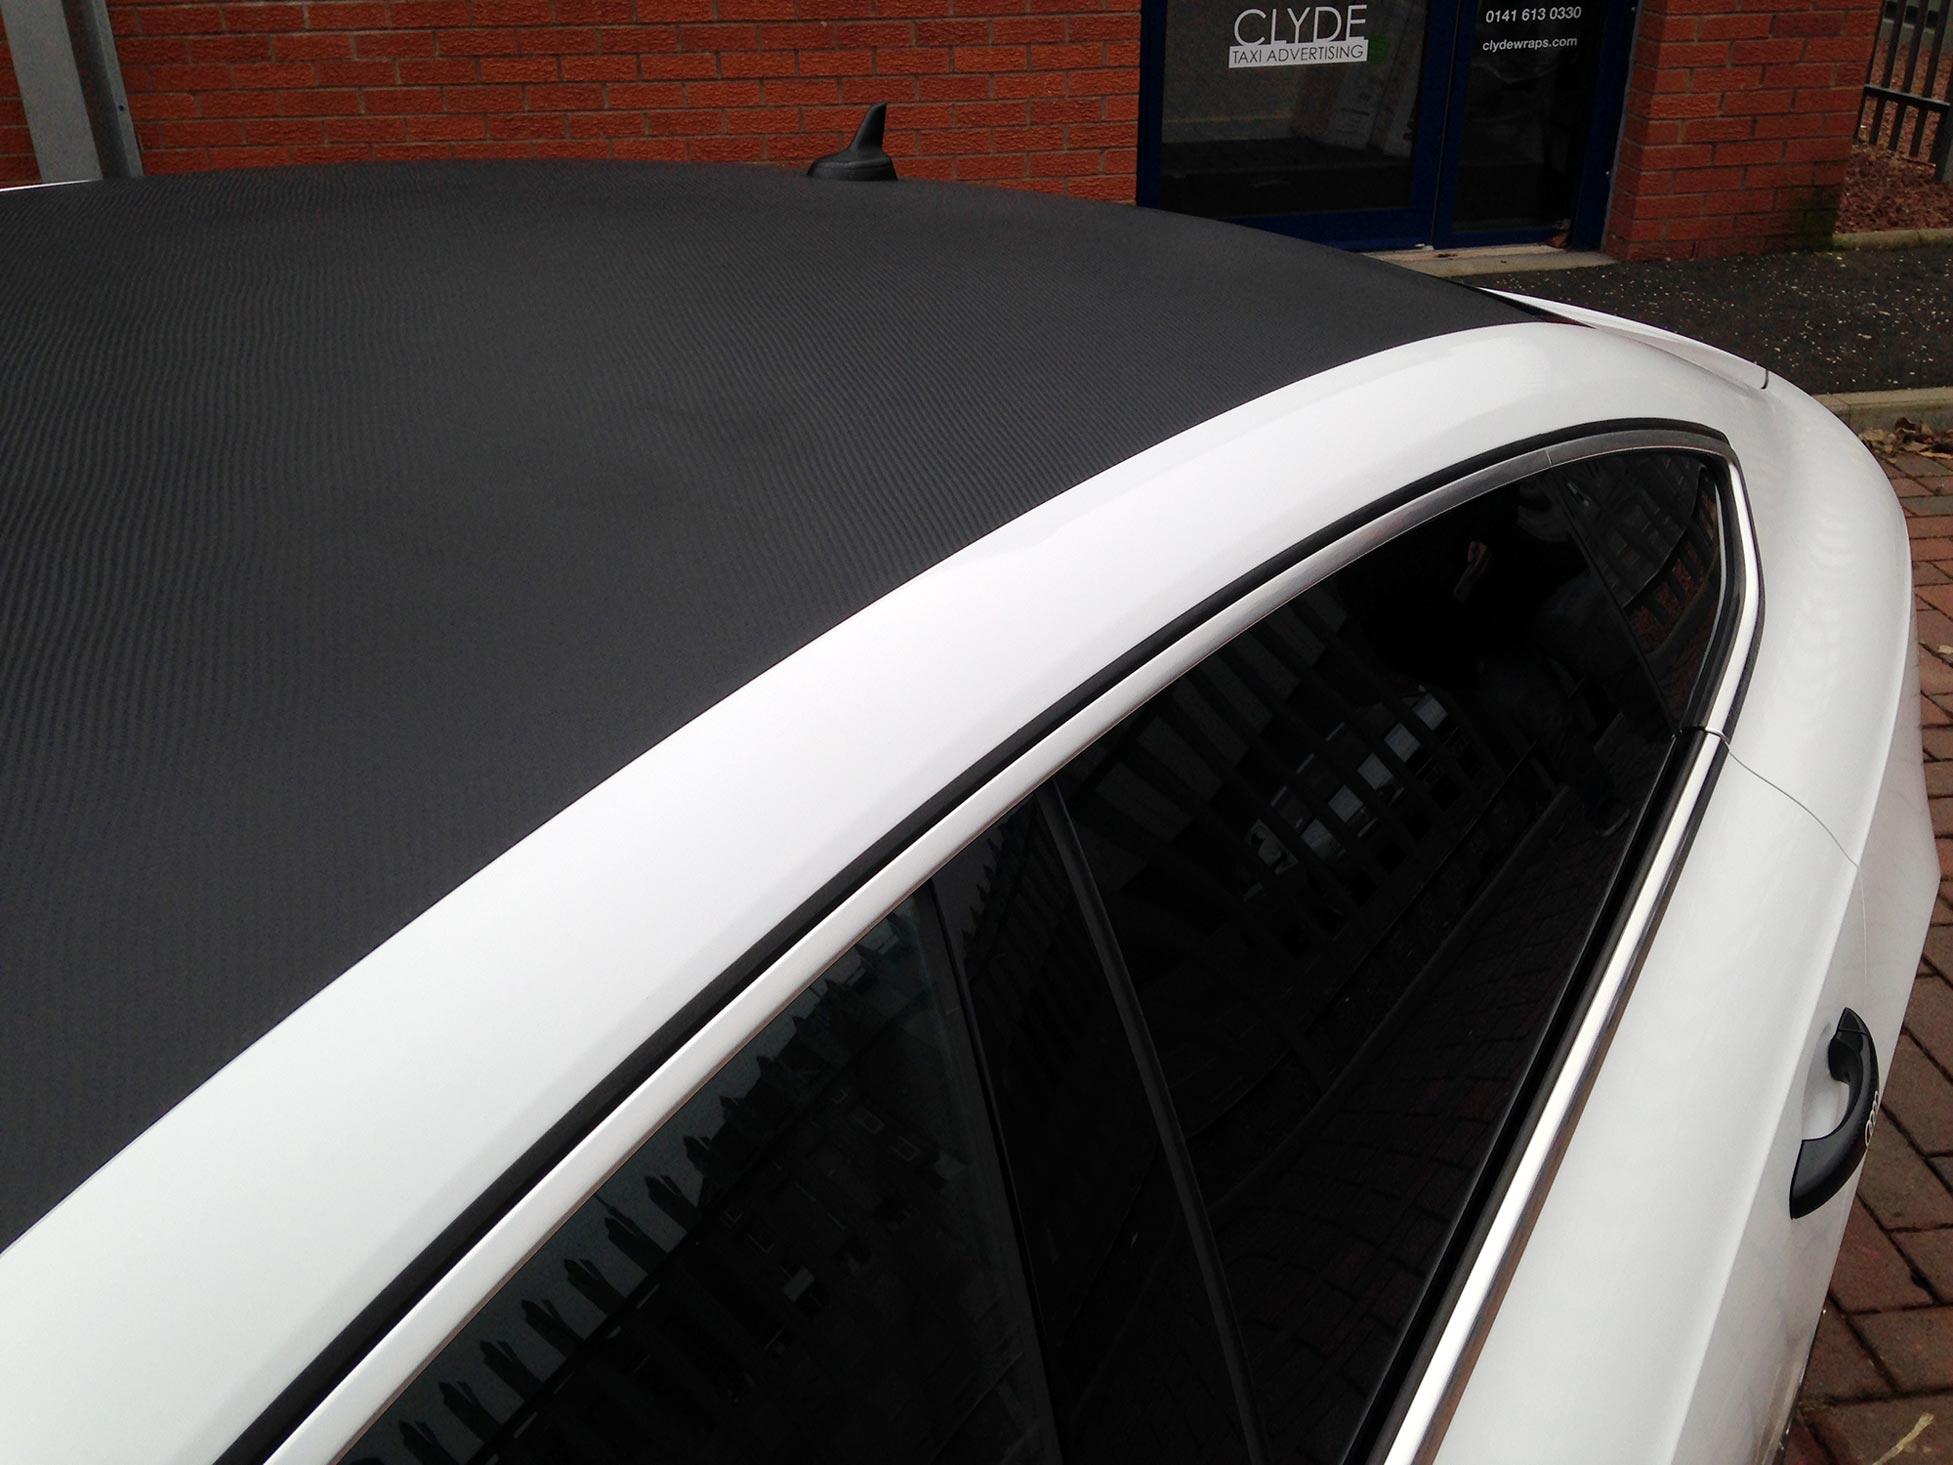 Carbon Fibre Roof Wrap On Audi A5 5dr TDi